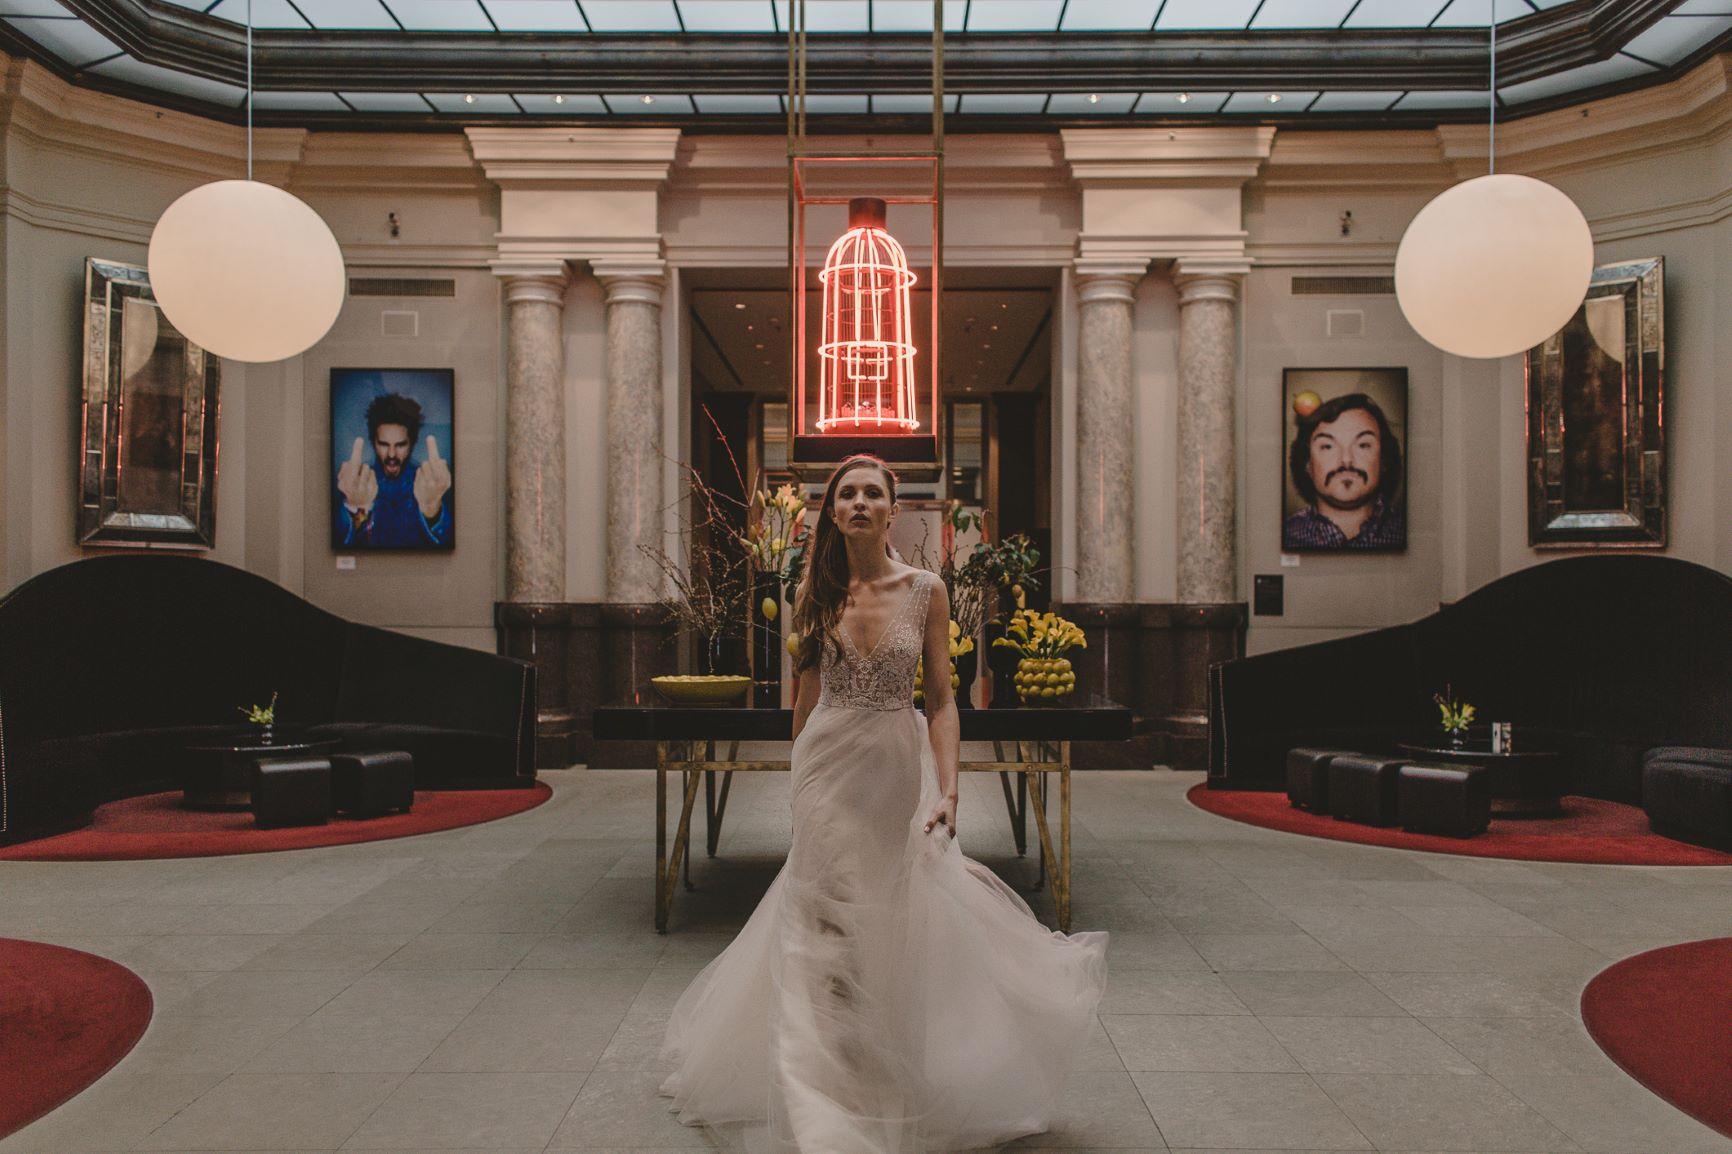 Wedding Hotel de rome hochzeit